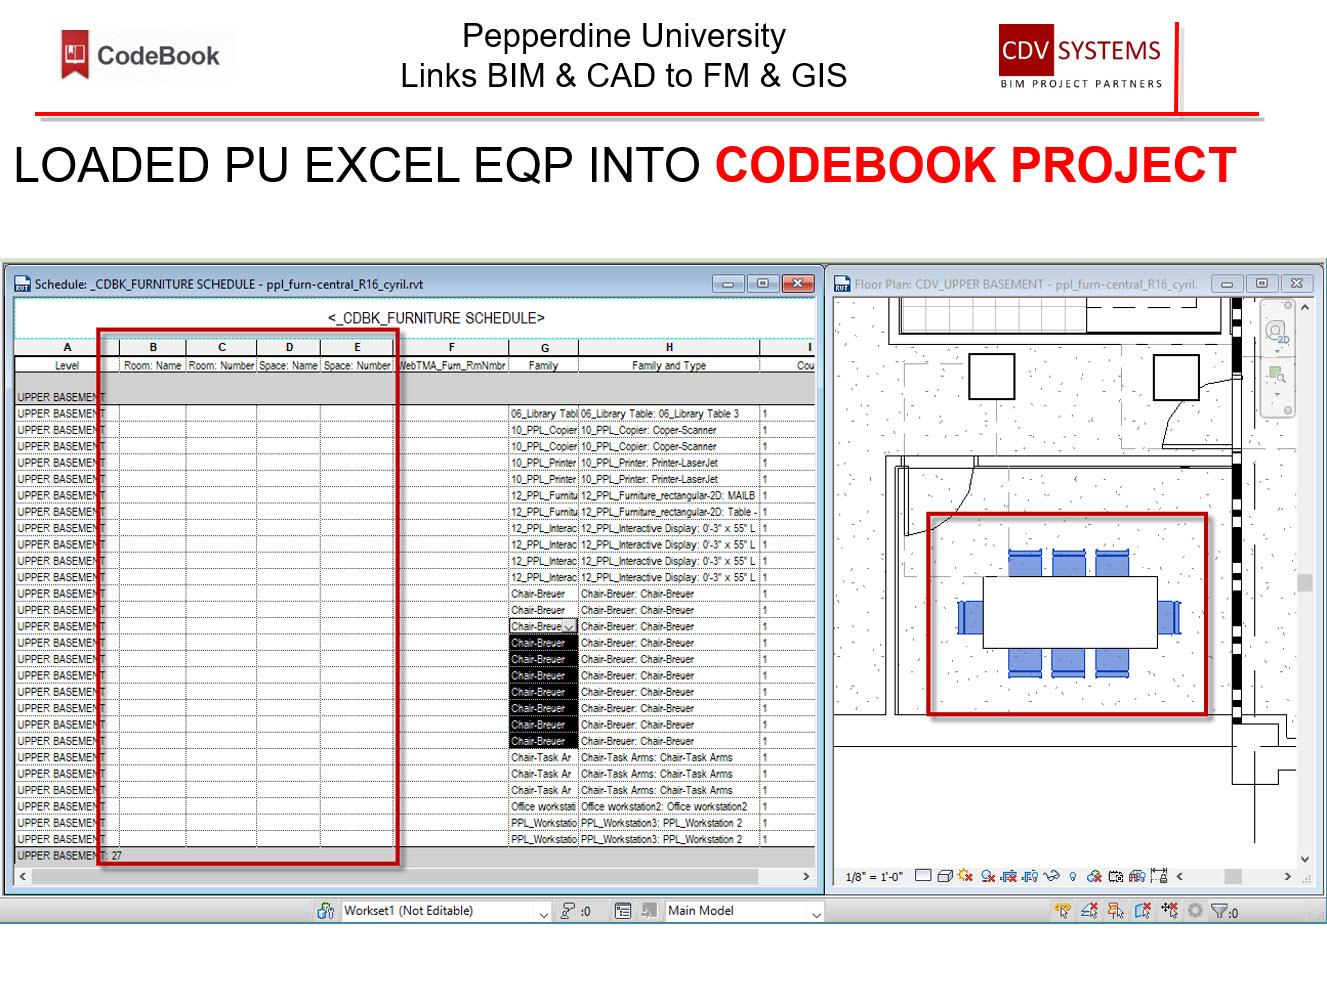 PROJECT CODEBOOK_13j66.jpg